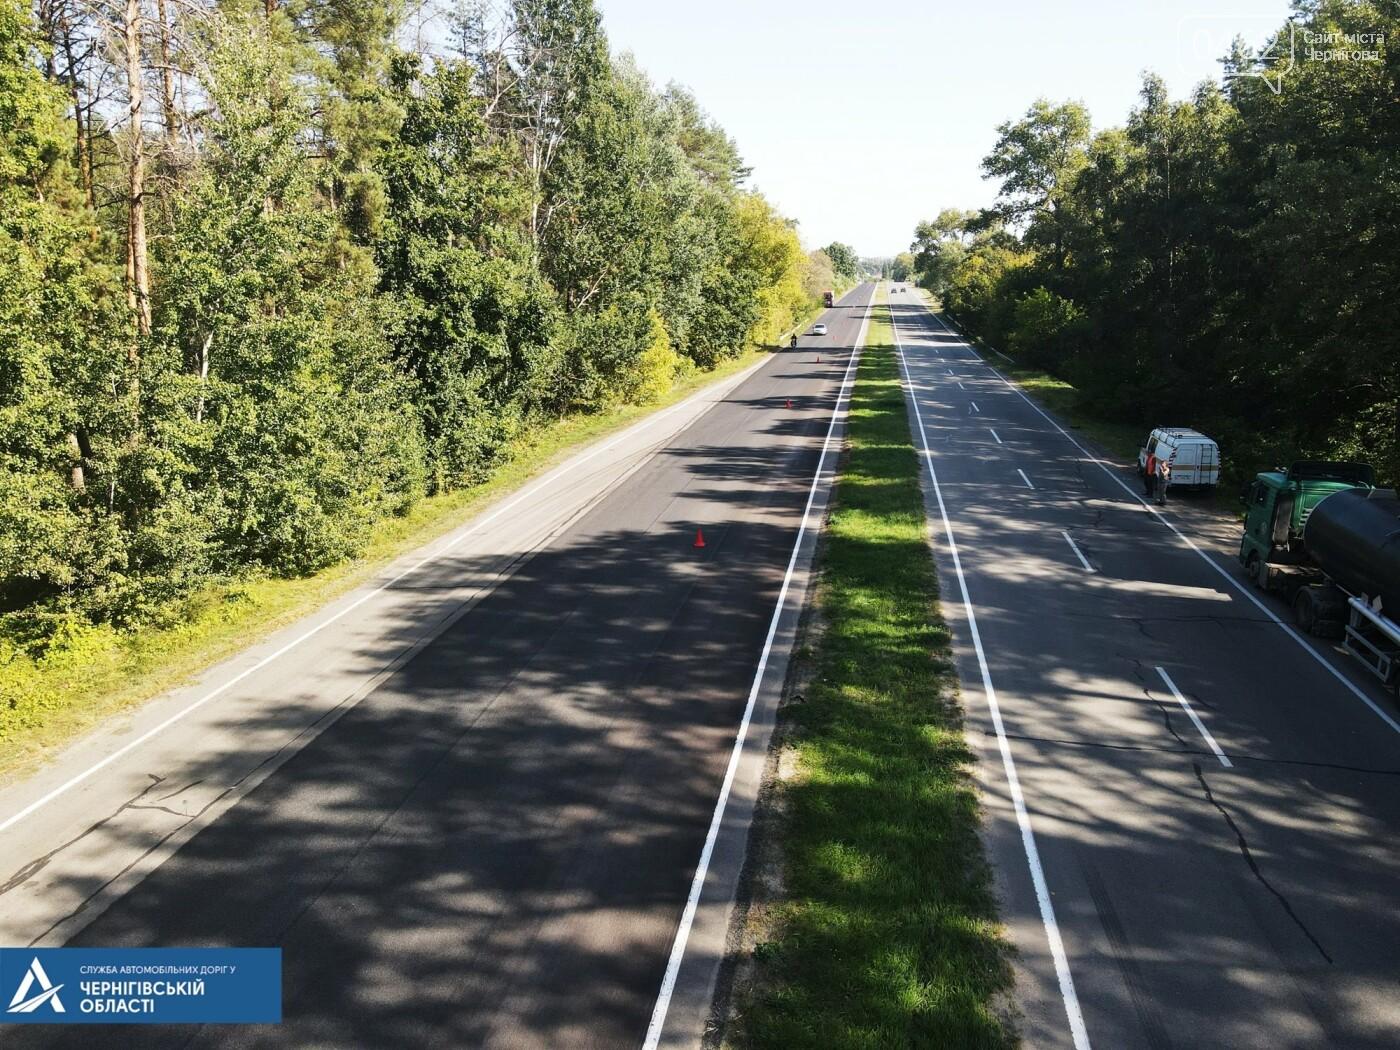 На в'їзді до Чернігова ремонтують дорогу, фото-2